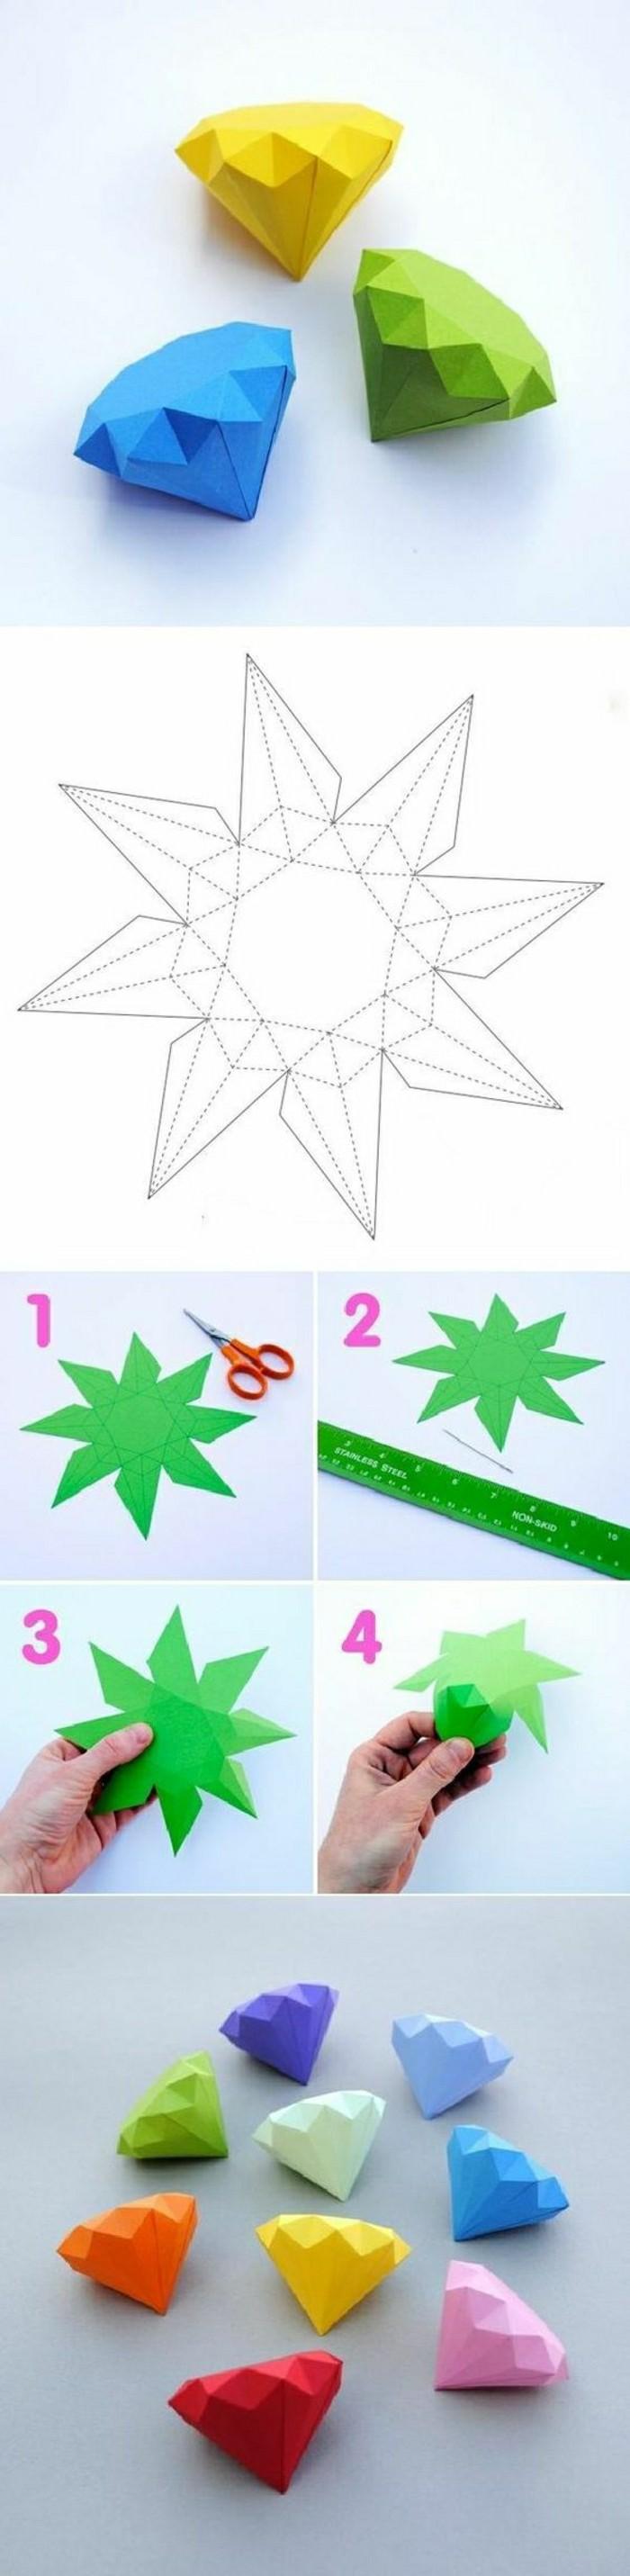 modele origami facile. Black Bedroom Furniture Sets. Home Design Ideas